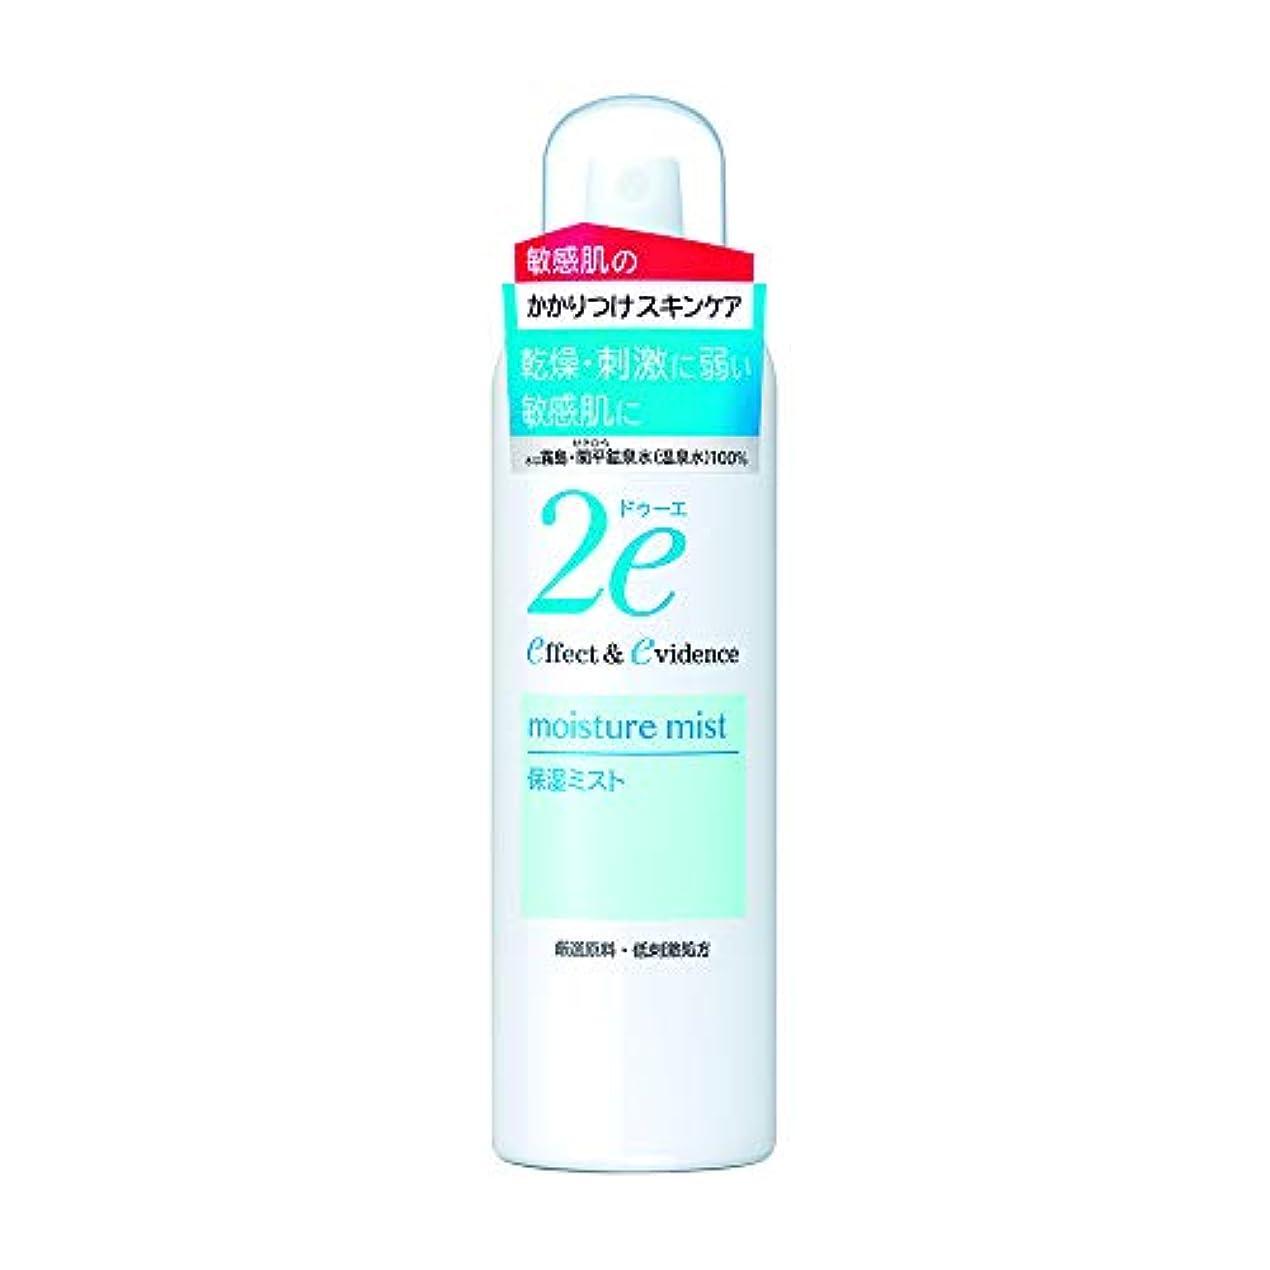 従事した学部長パンチ2e(ドゥーエ) ドゥーエ 保湿ミスト 化粧水 180g